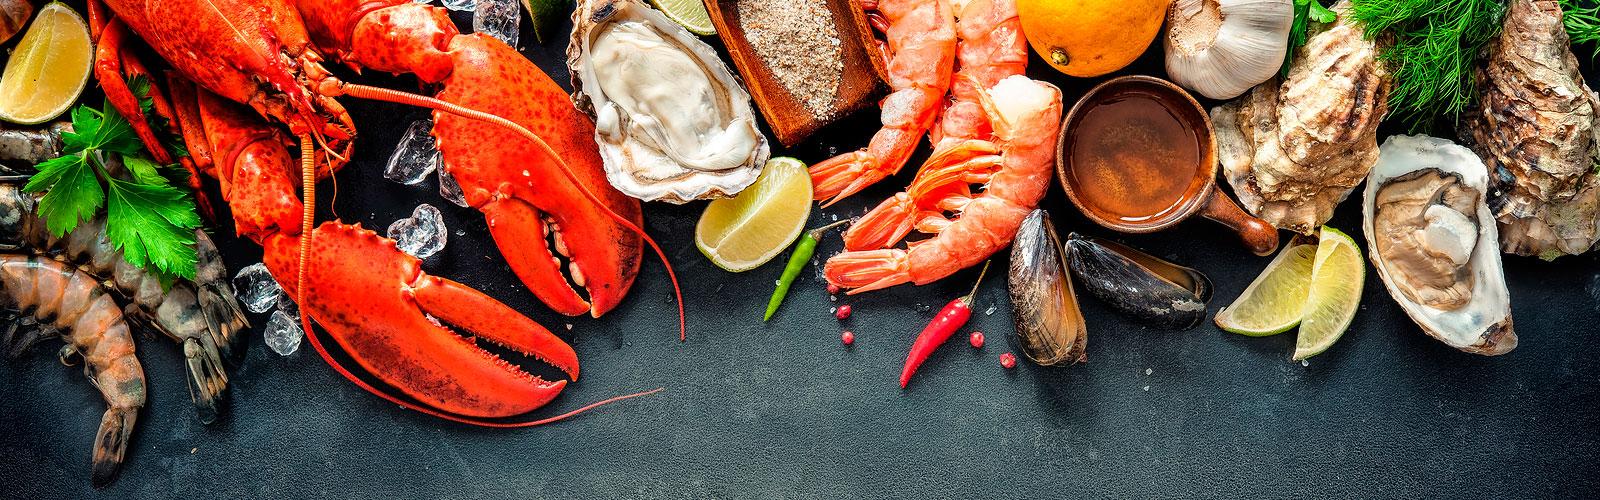 Công ty TNHH New Fresh Foods